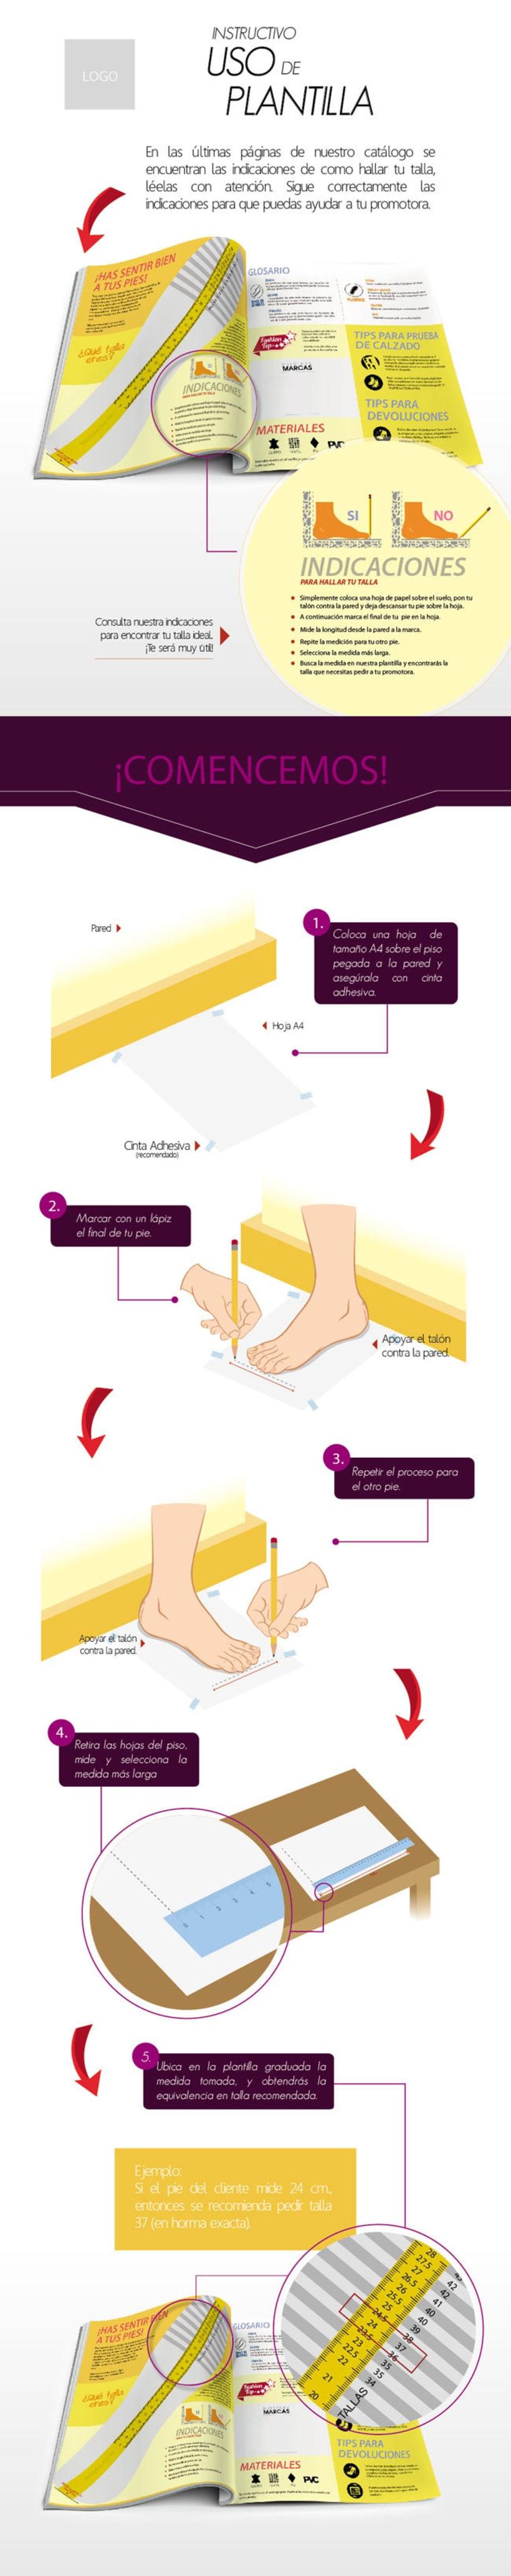 Slipsole guide 2